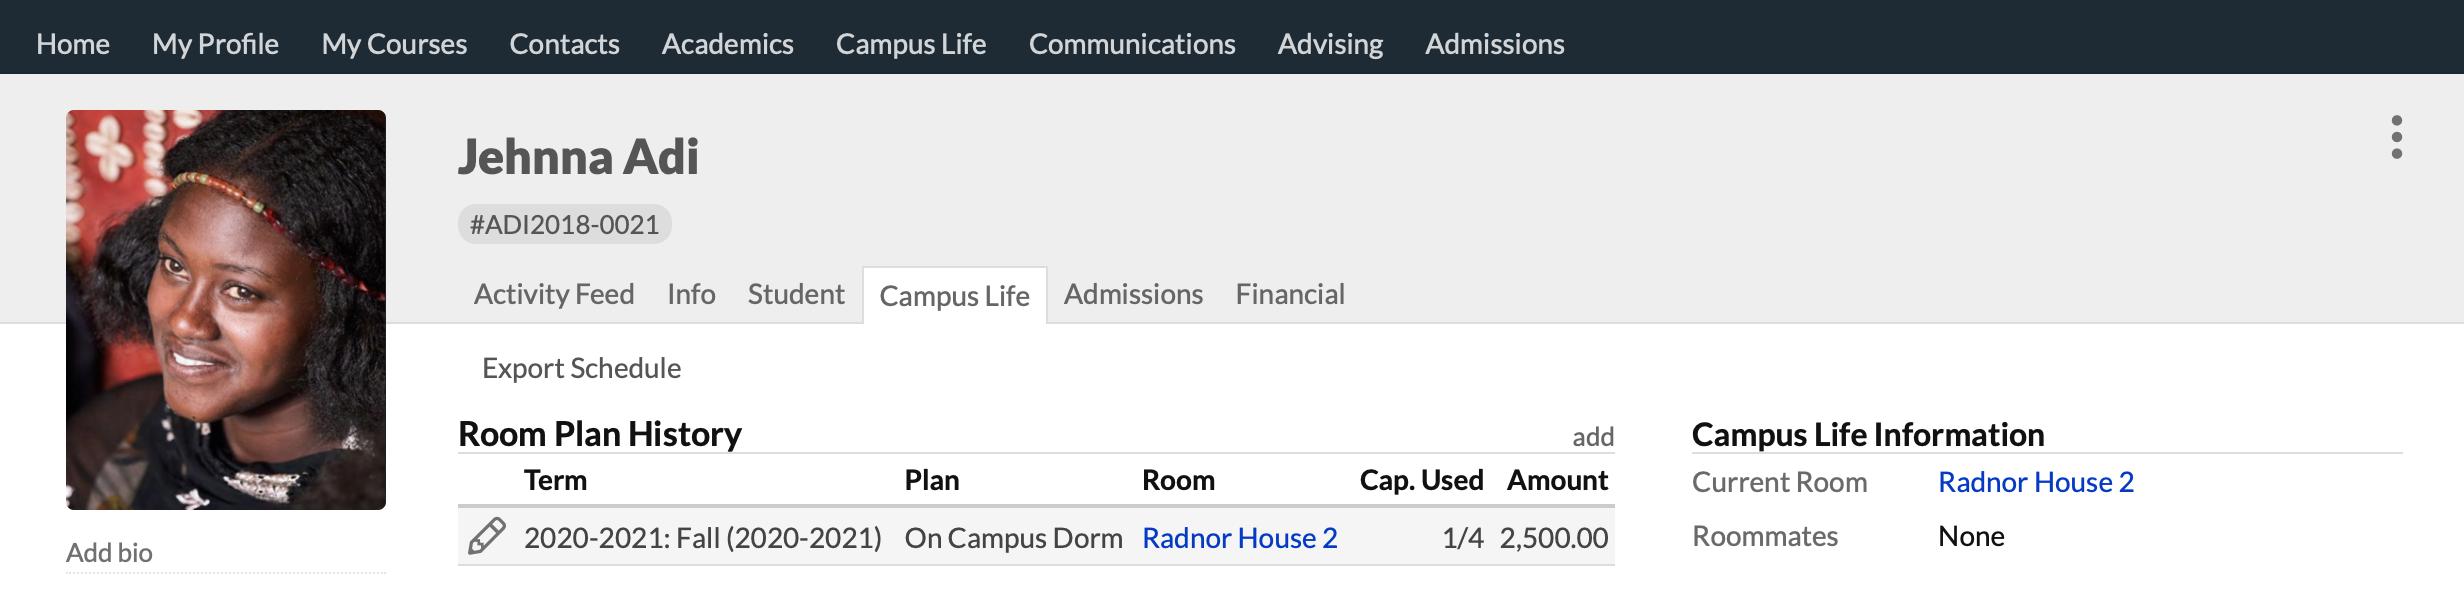 profile_campus_life